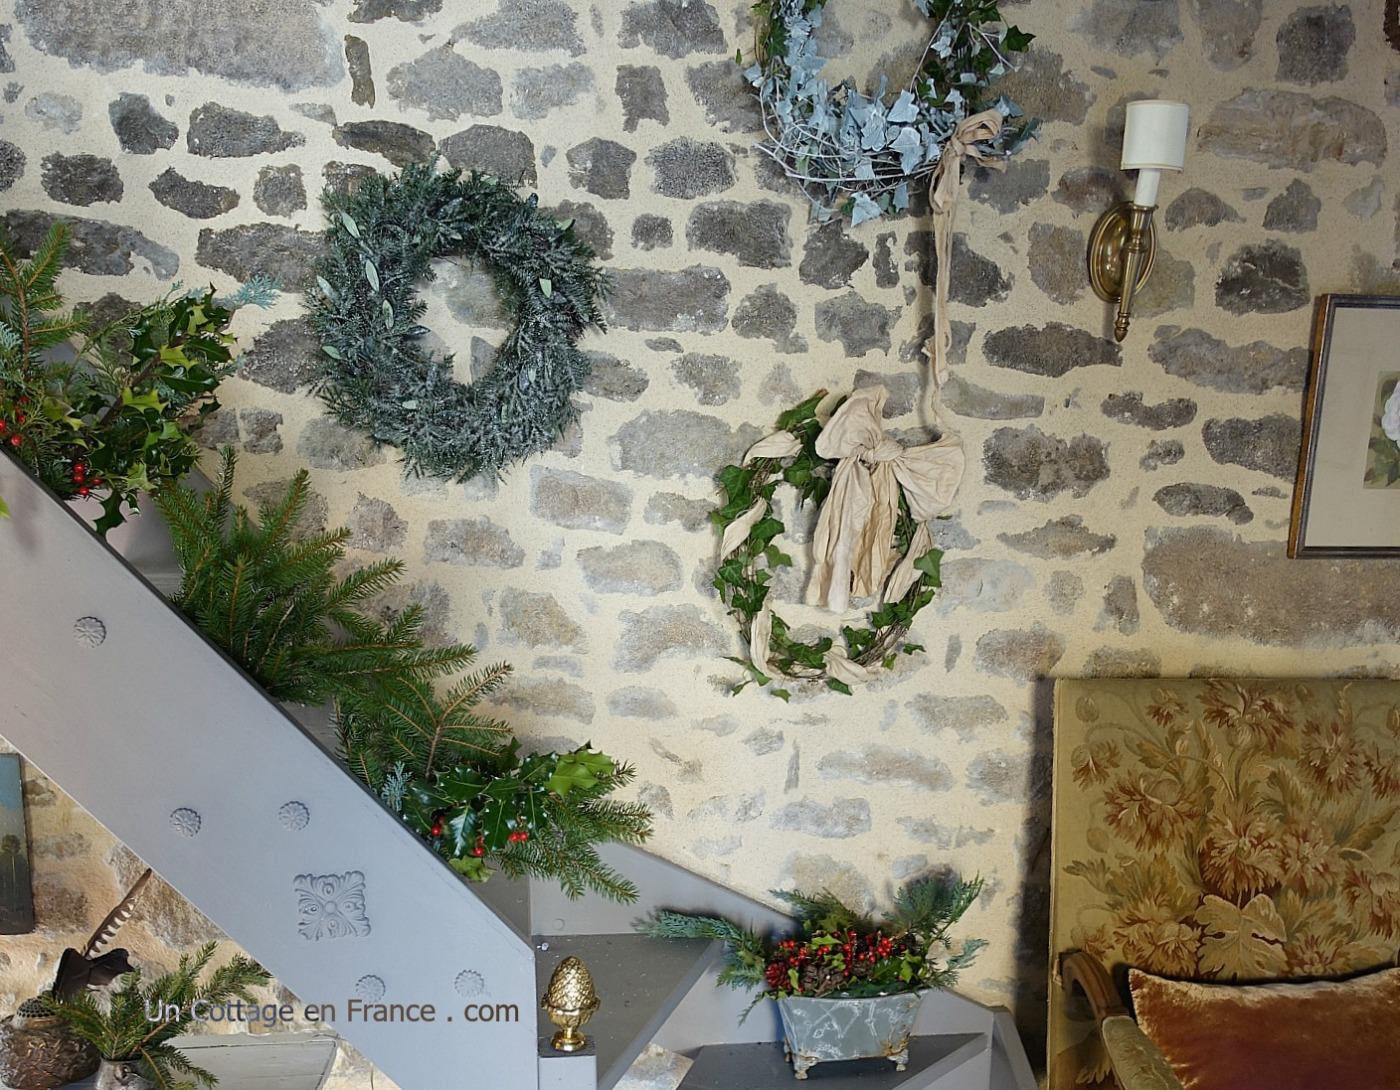 couronne-jour-de-lan-2017-blog-maison-romantique-french-romantic-house-blog